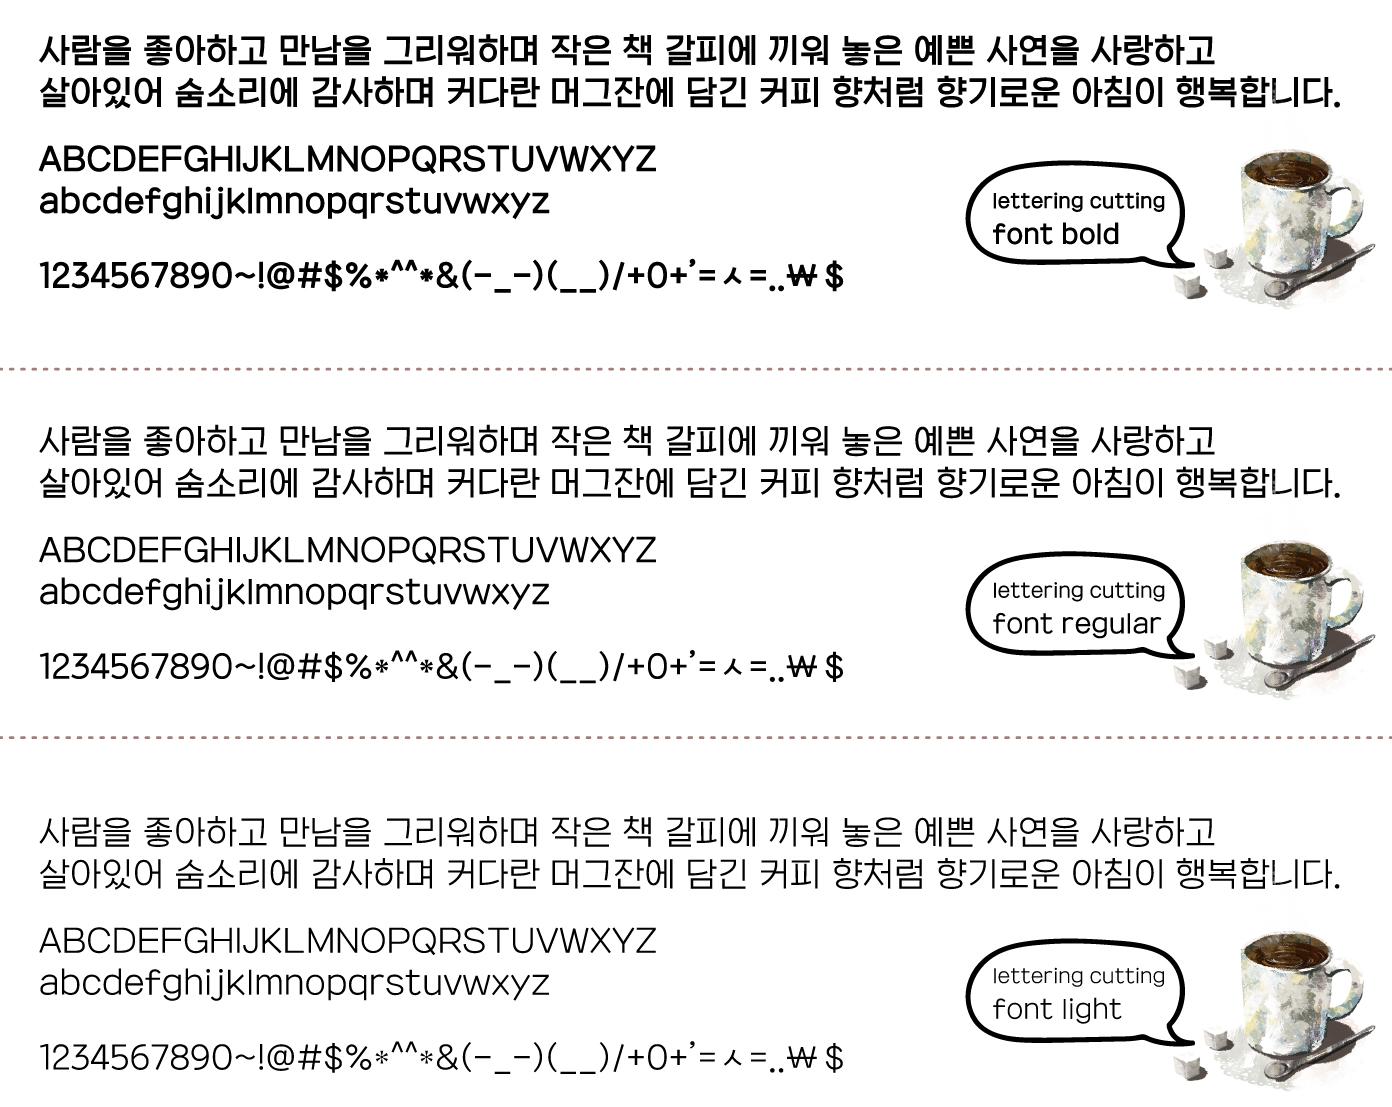 커팅폰트이미지4_나무고딕-샘플.jpg